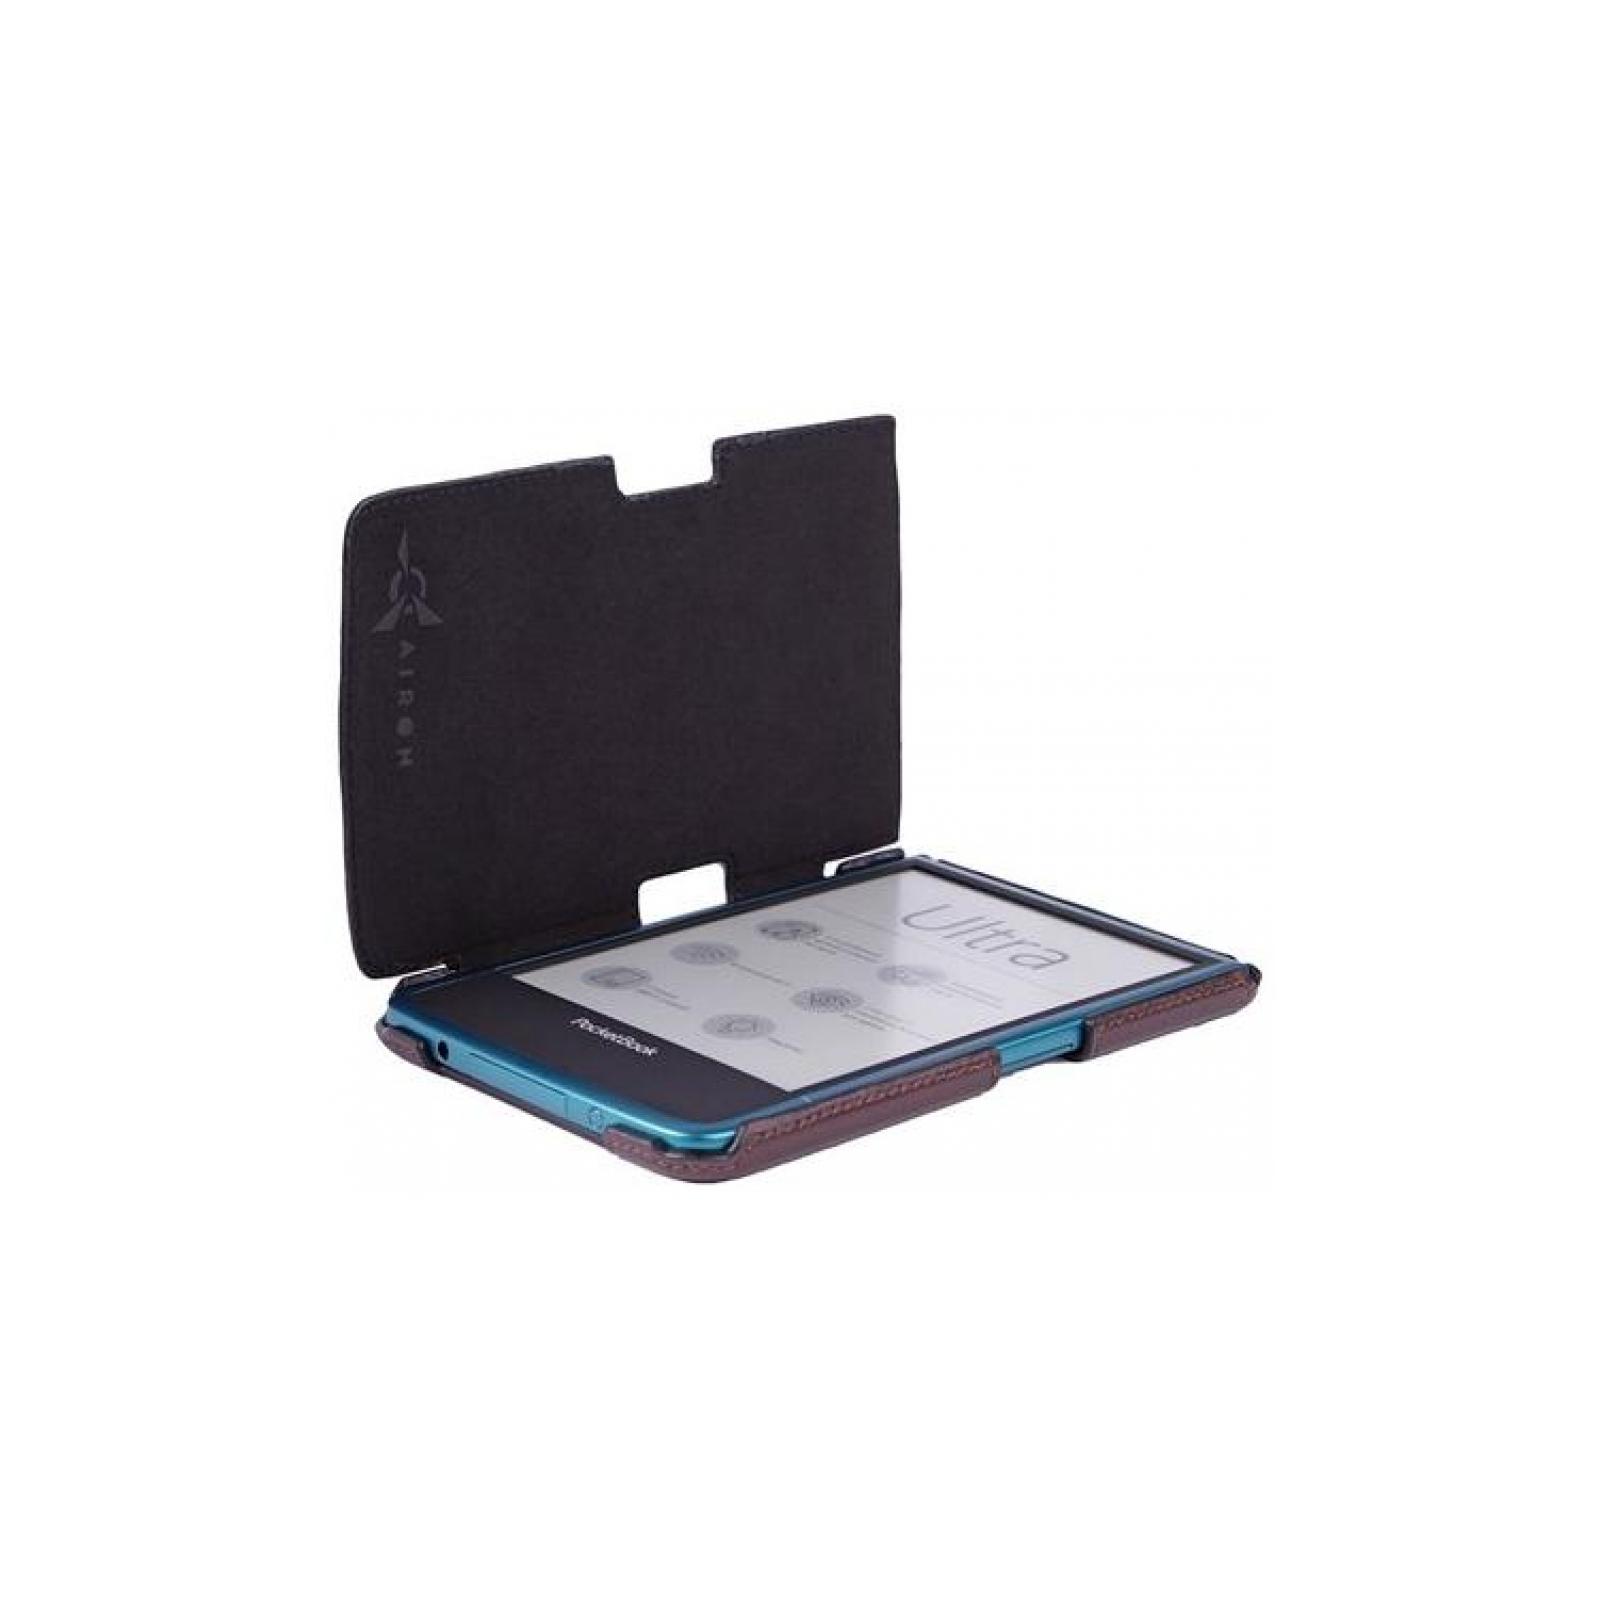 Чехол для электронной книги AirOn для PocketBook 650 (4821784622002) изображение 5